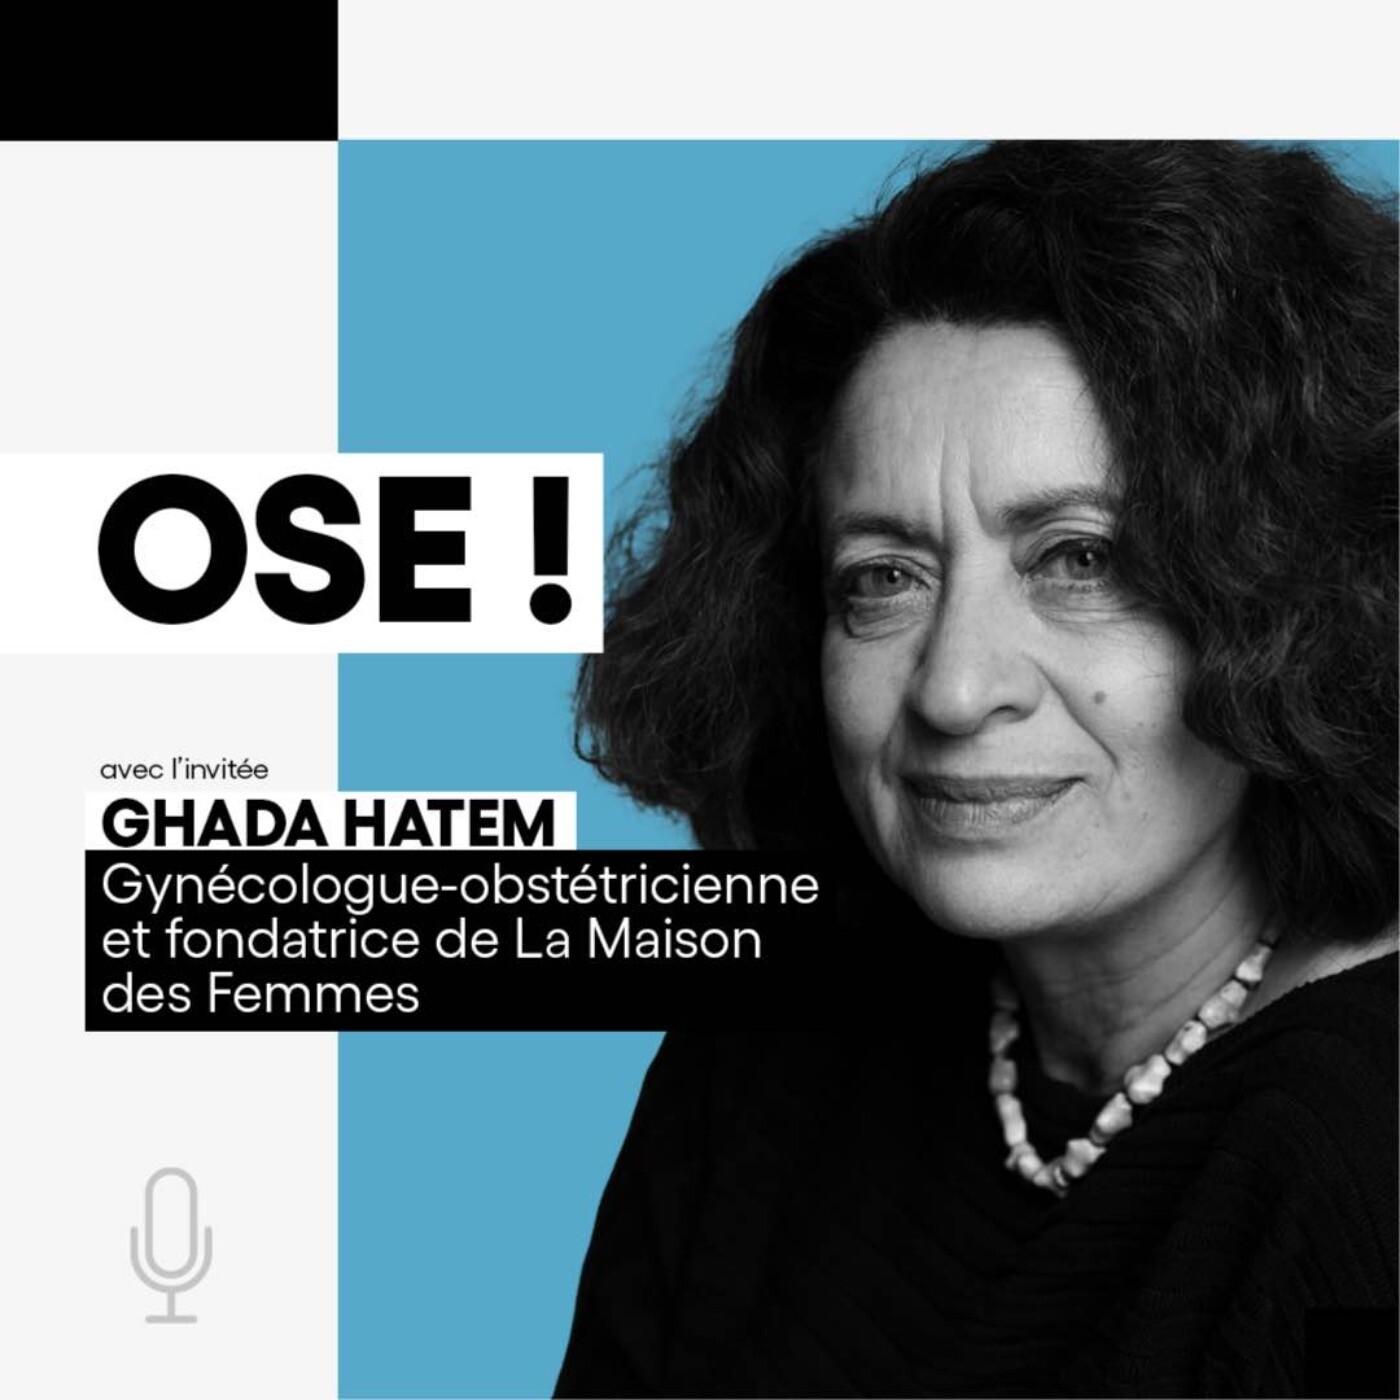 Ghada Hatem, Gynécologue-obstétricienne, Fondatrice de La Maison des Femmes